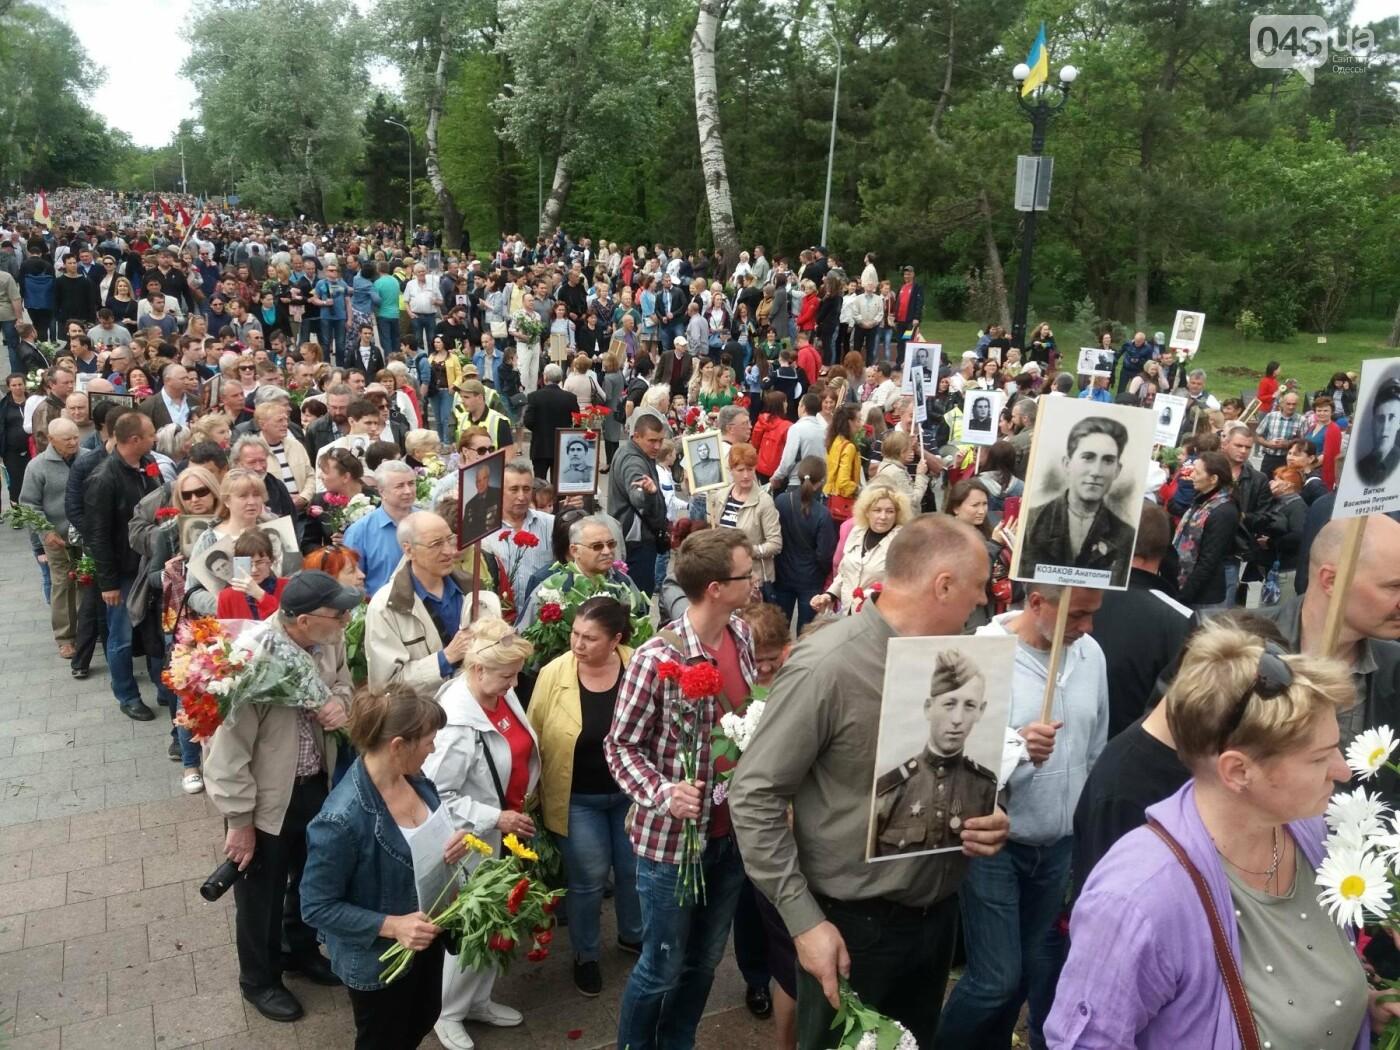 9 мая в Одессе: хронология событий и итоги, - ФОТО, ВИДЕО, фото-25